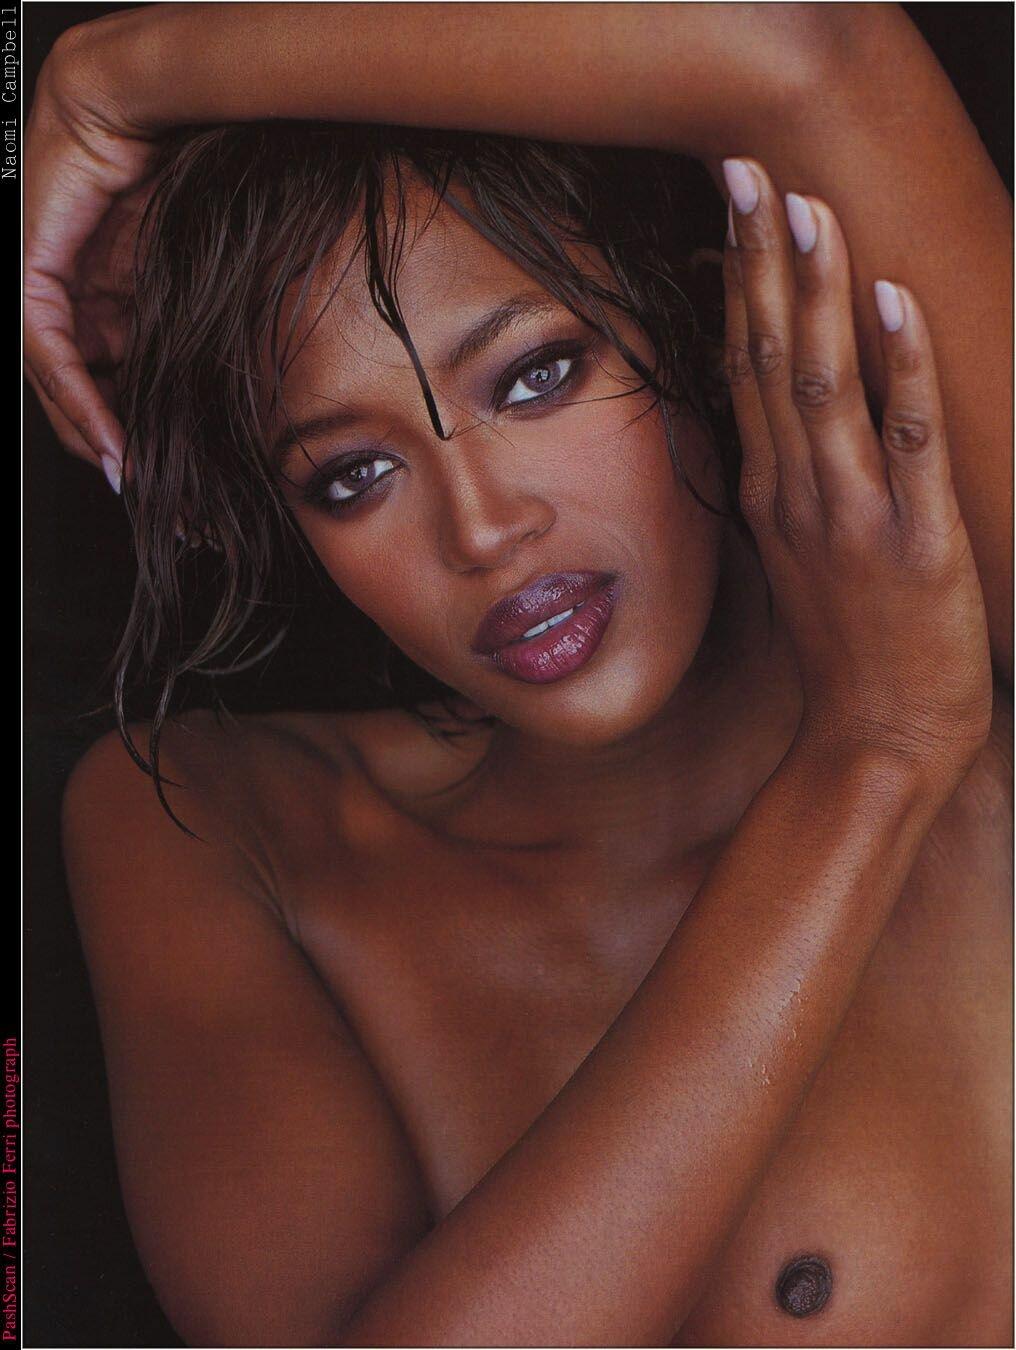 Naomi campbellxxx, bhuvaneshwari nude naged